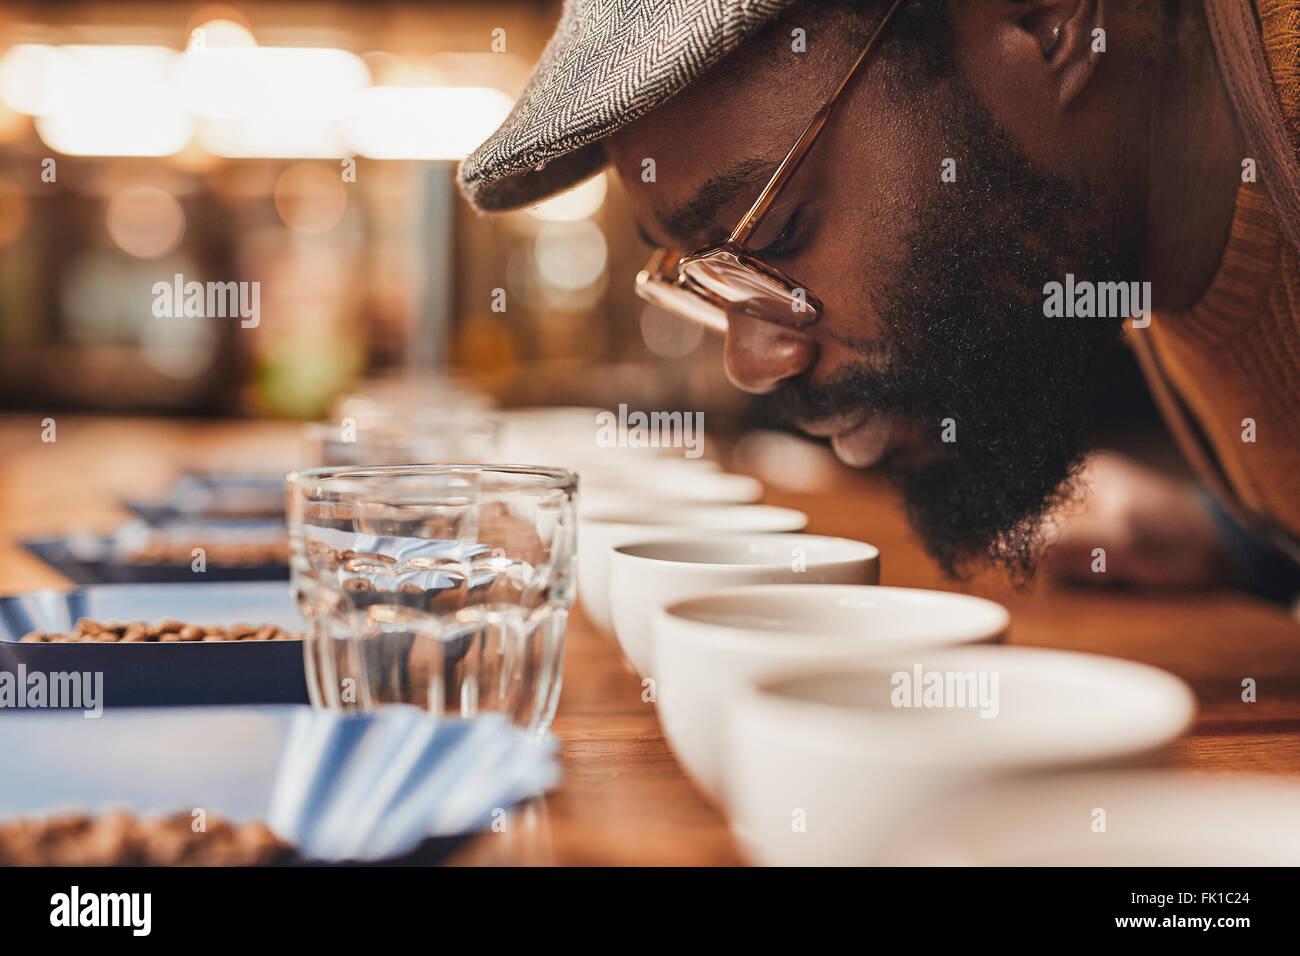 L'homme de l'Afrique de profiter de l'arôme de café frais à la dégustation Photo Stock